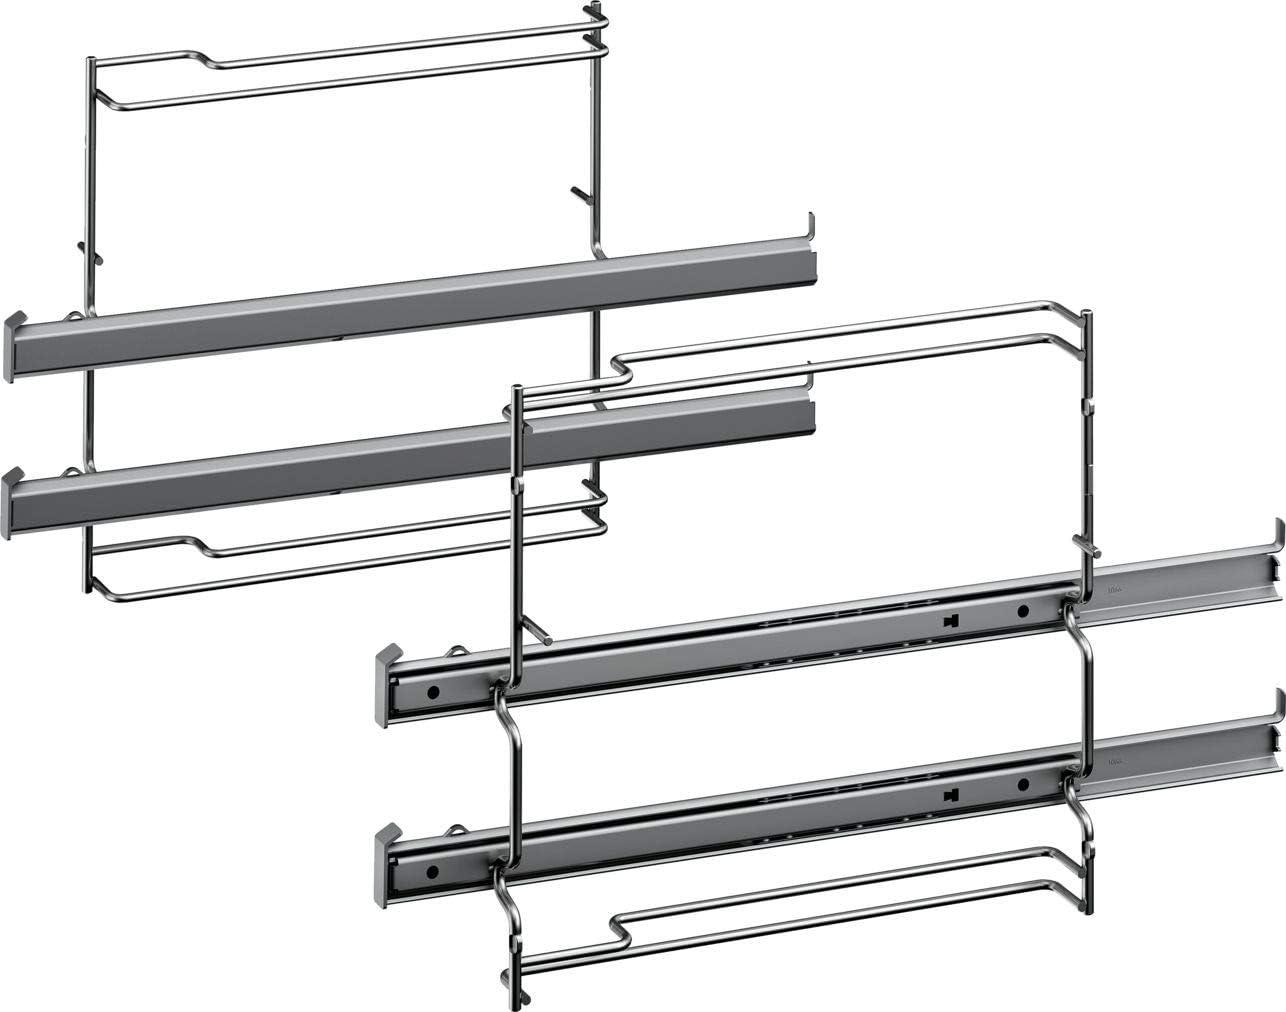 Neff Z11TE25X0 - Combinación telescópica para horno y cocina (2 compartimentos)